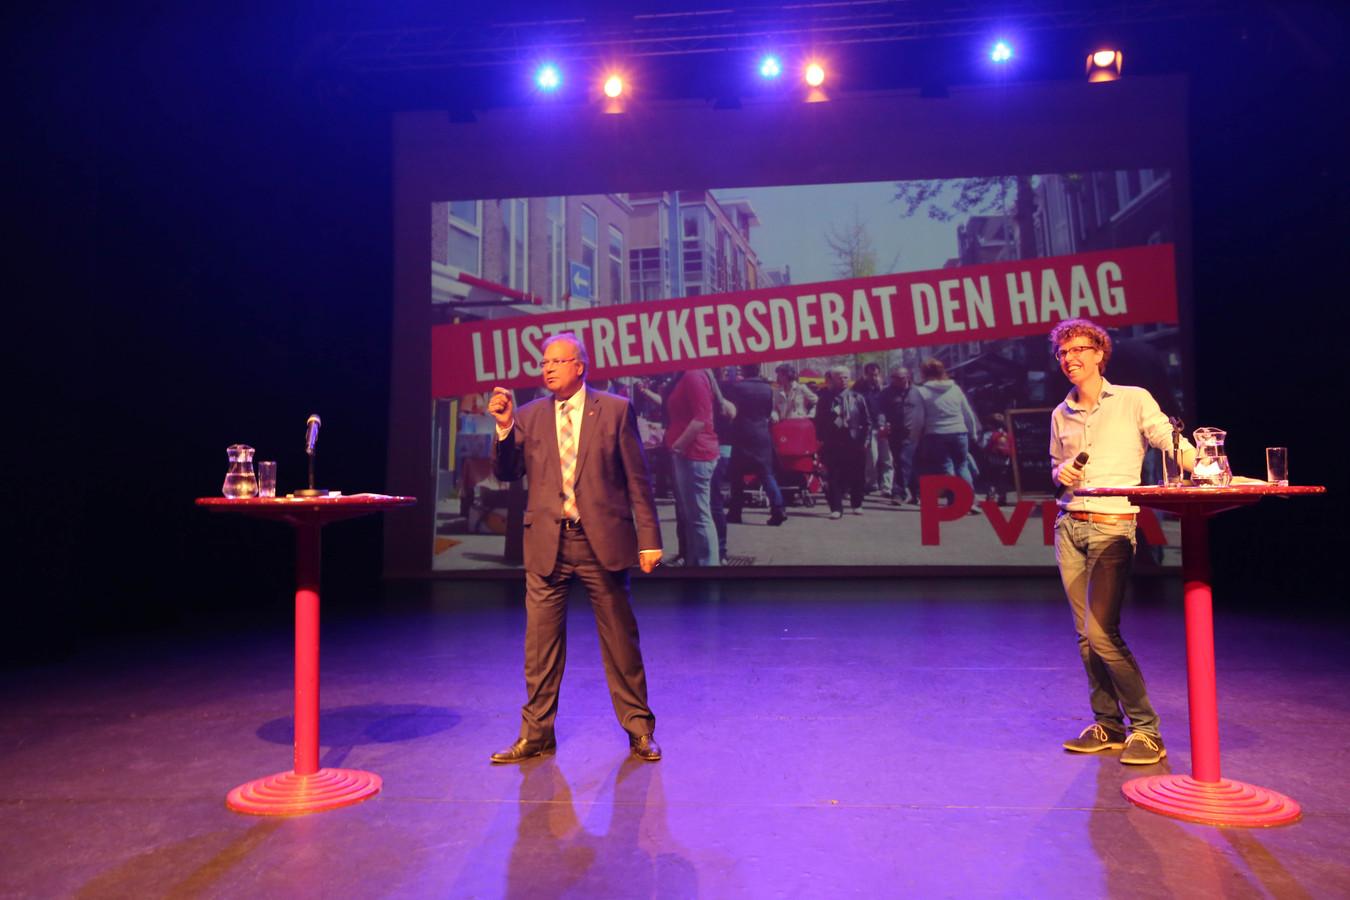 Wethouder Rabin Baldewsingh (links) en fractieleider Martijn Balster in debat om het PvdA-lijsttrekkerschap.